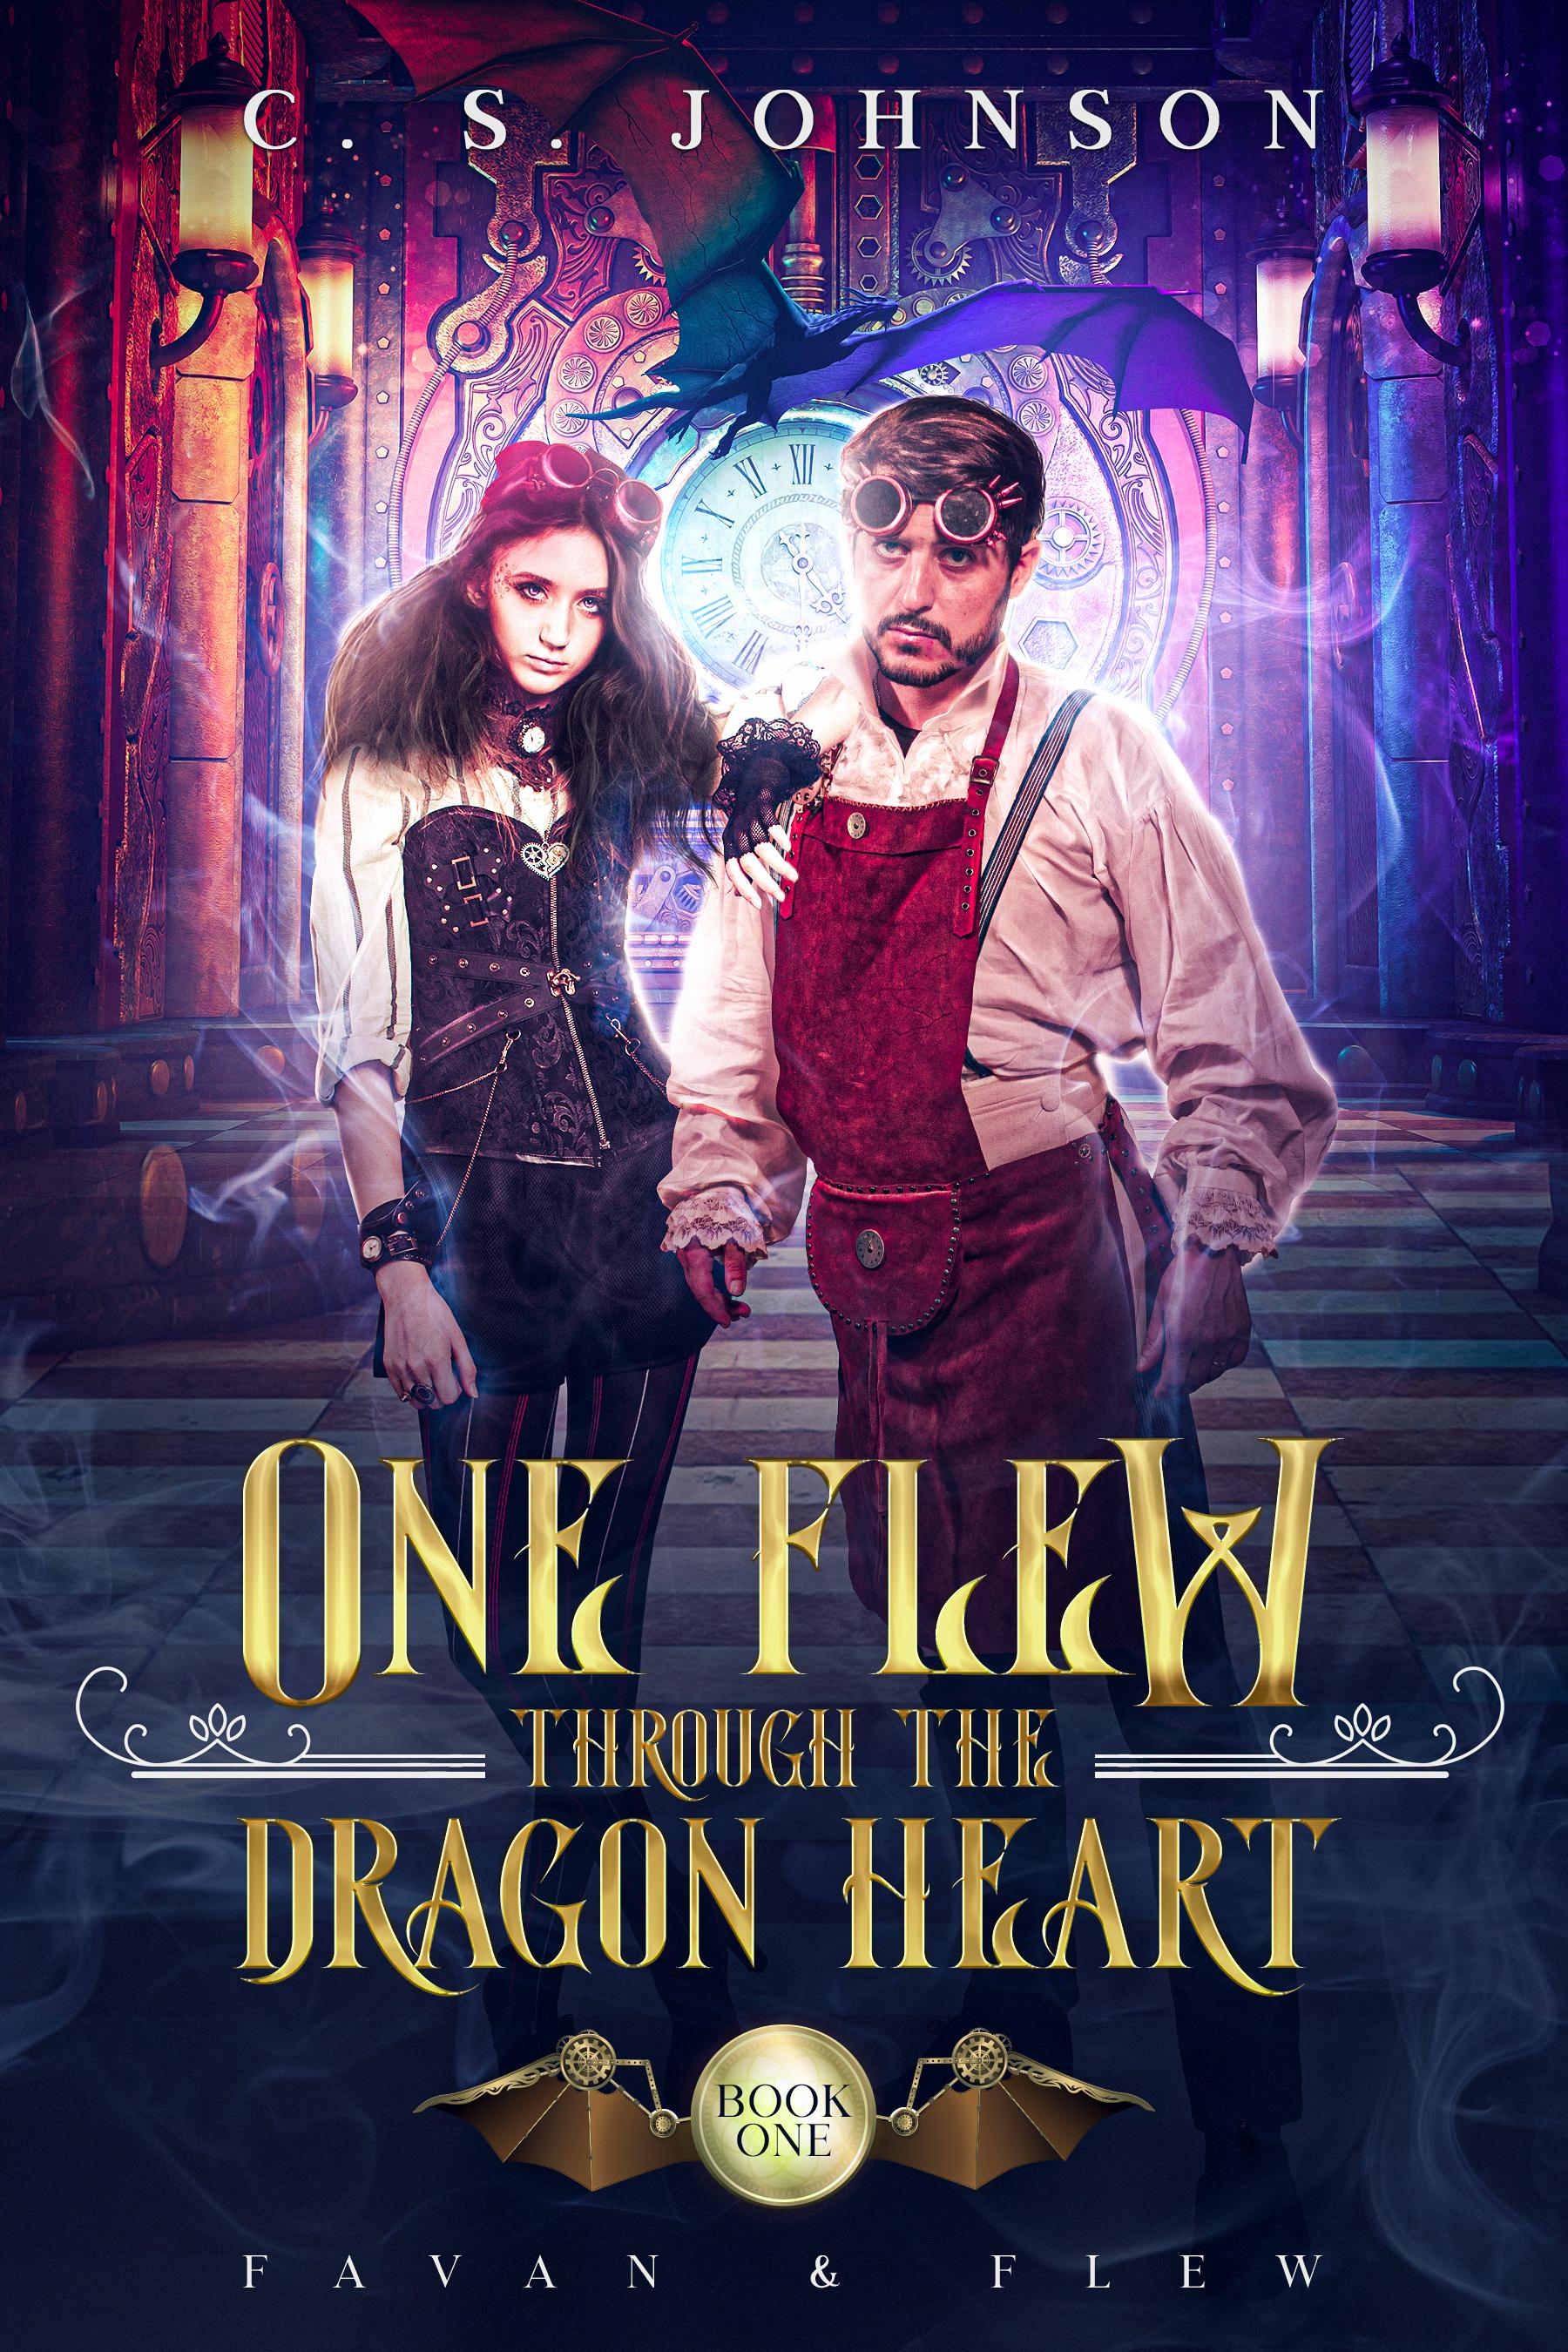 One Flew Through the Dragon Heart (Favan & Flew, #1)